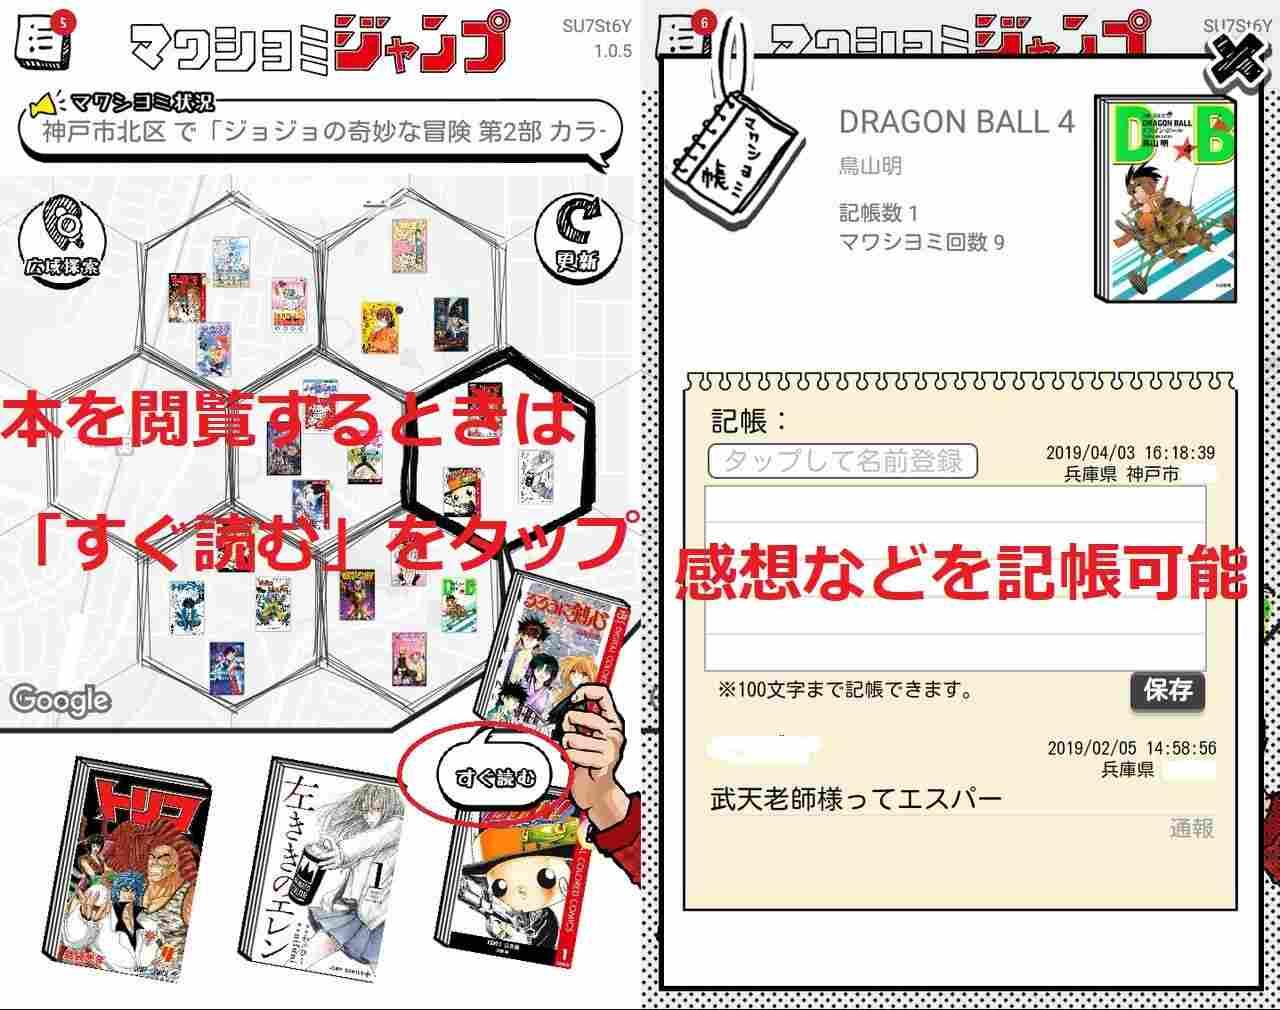 マワシヨミジャンプアプリ画面